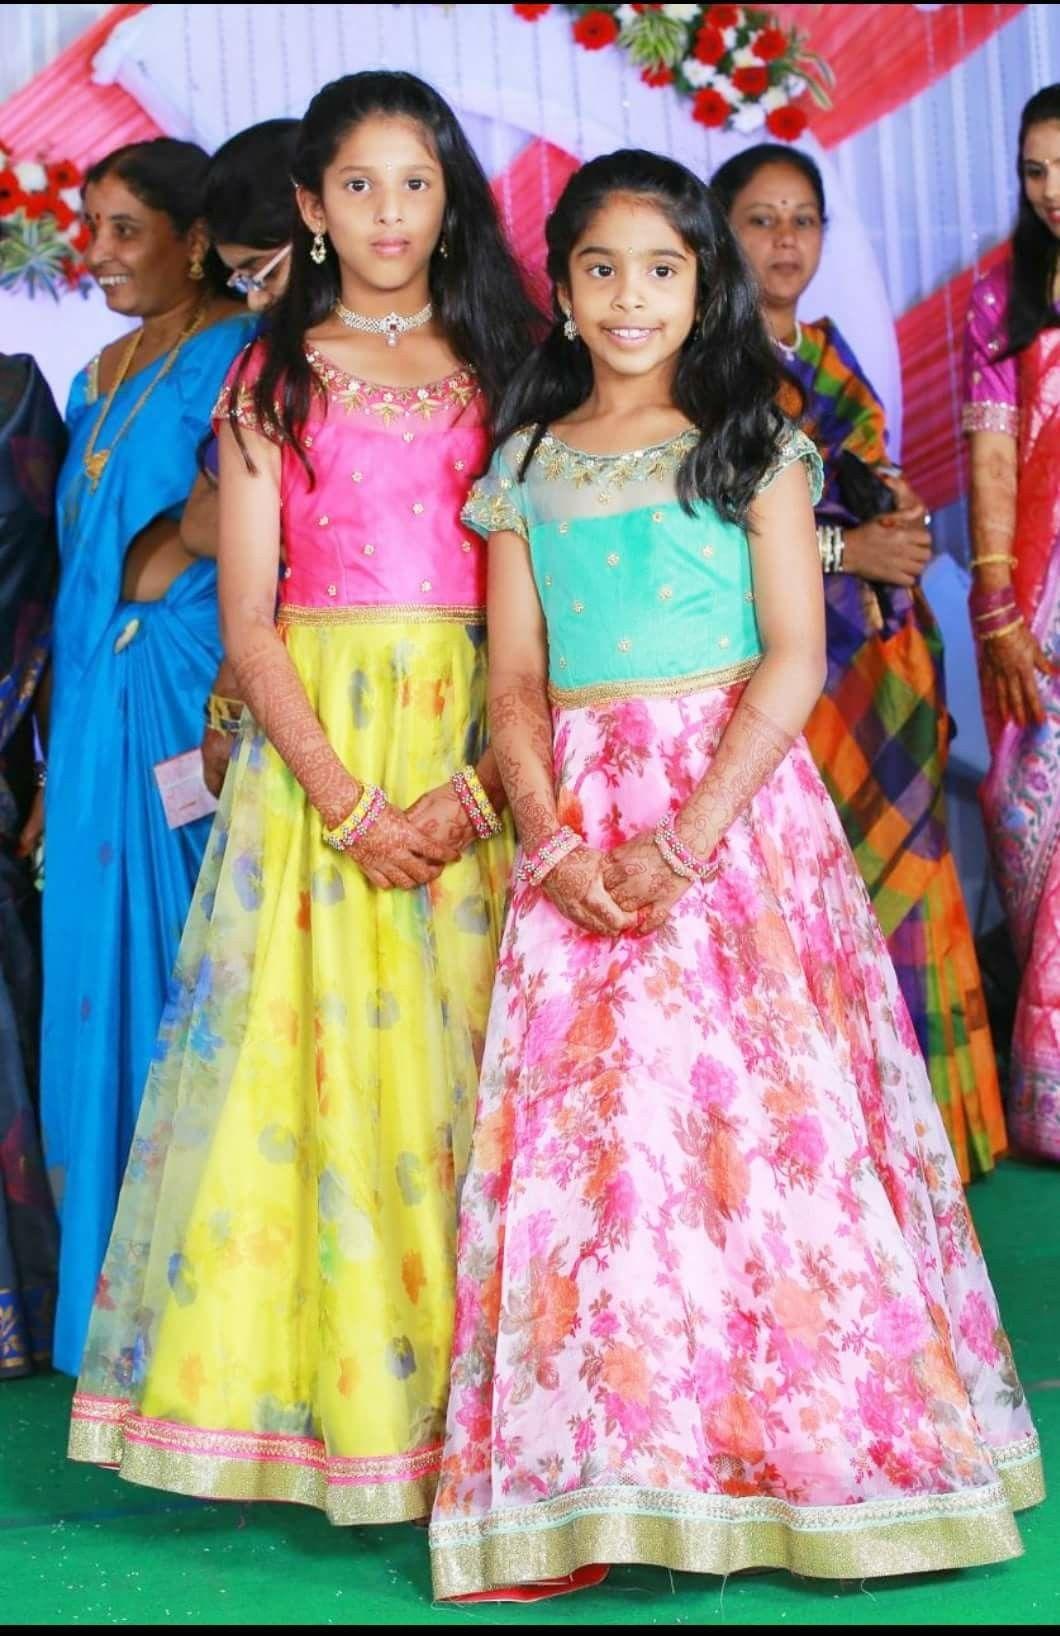 Pin by akshaya reddy on kids pinterest girls wardrobe wedding